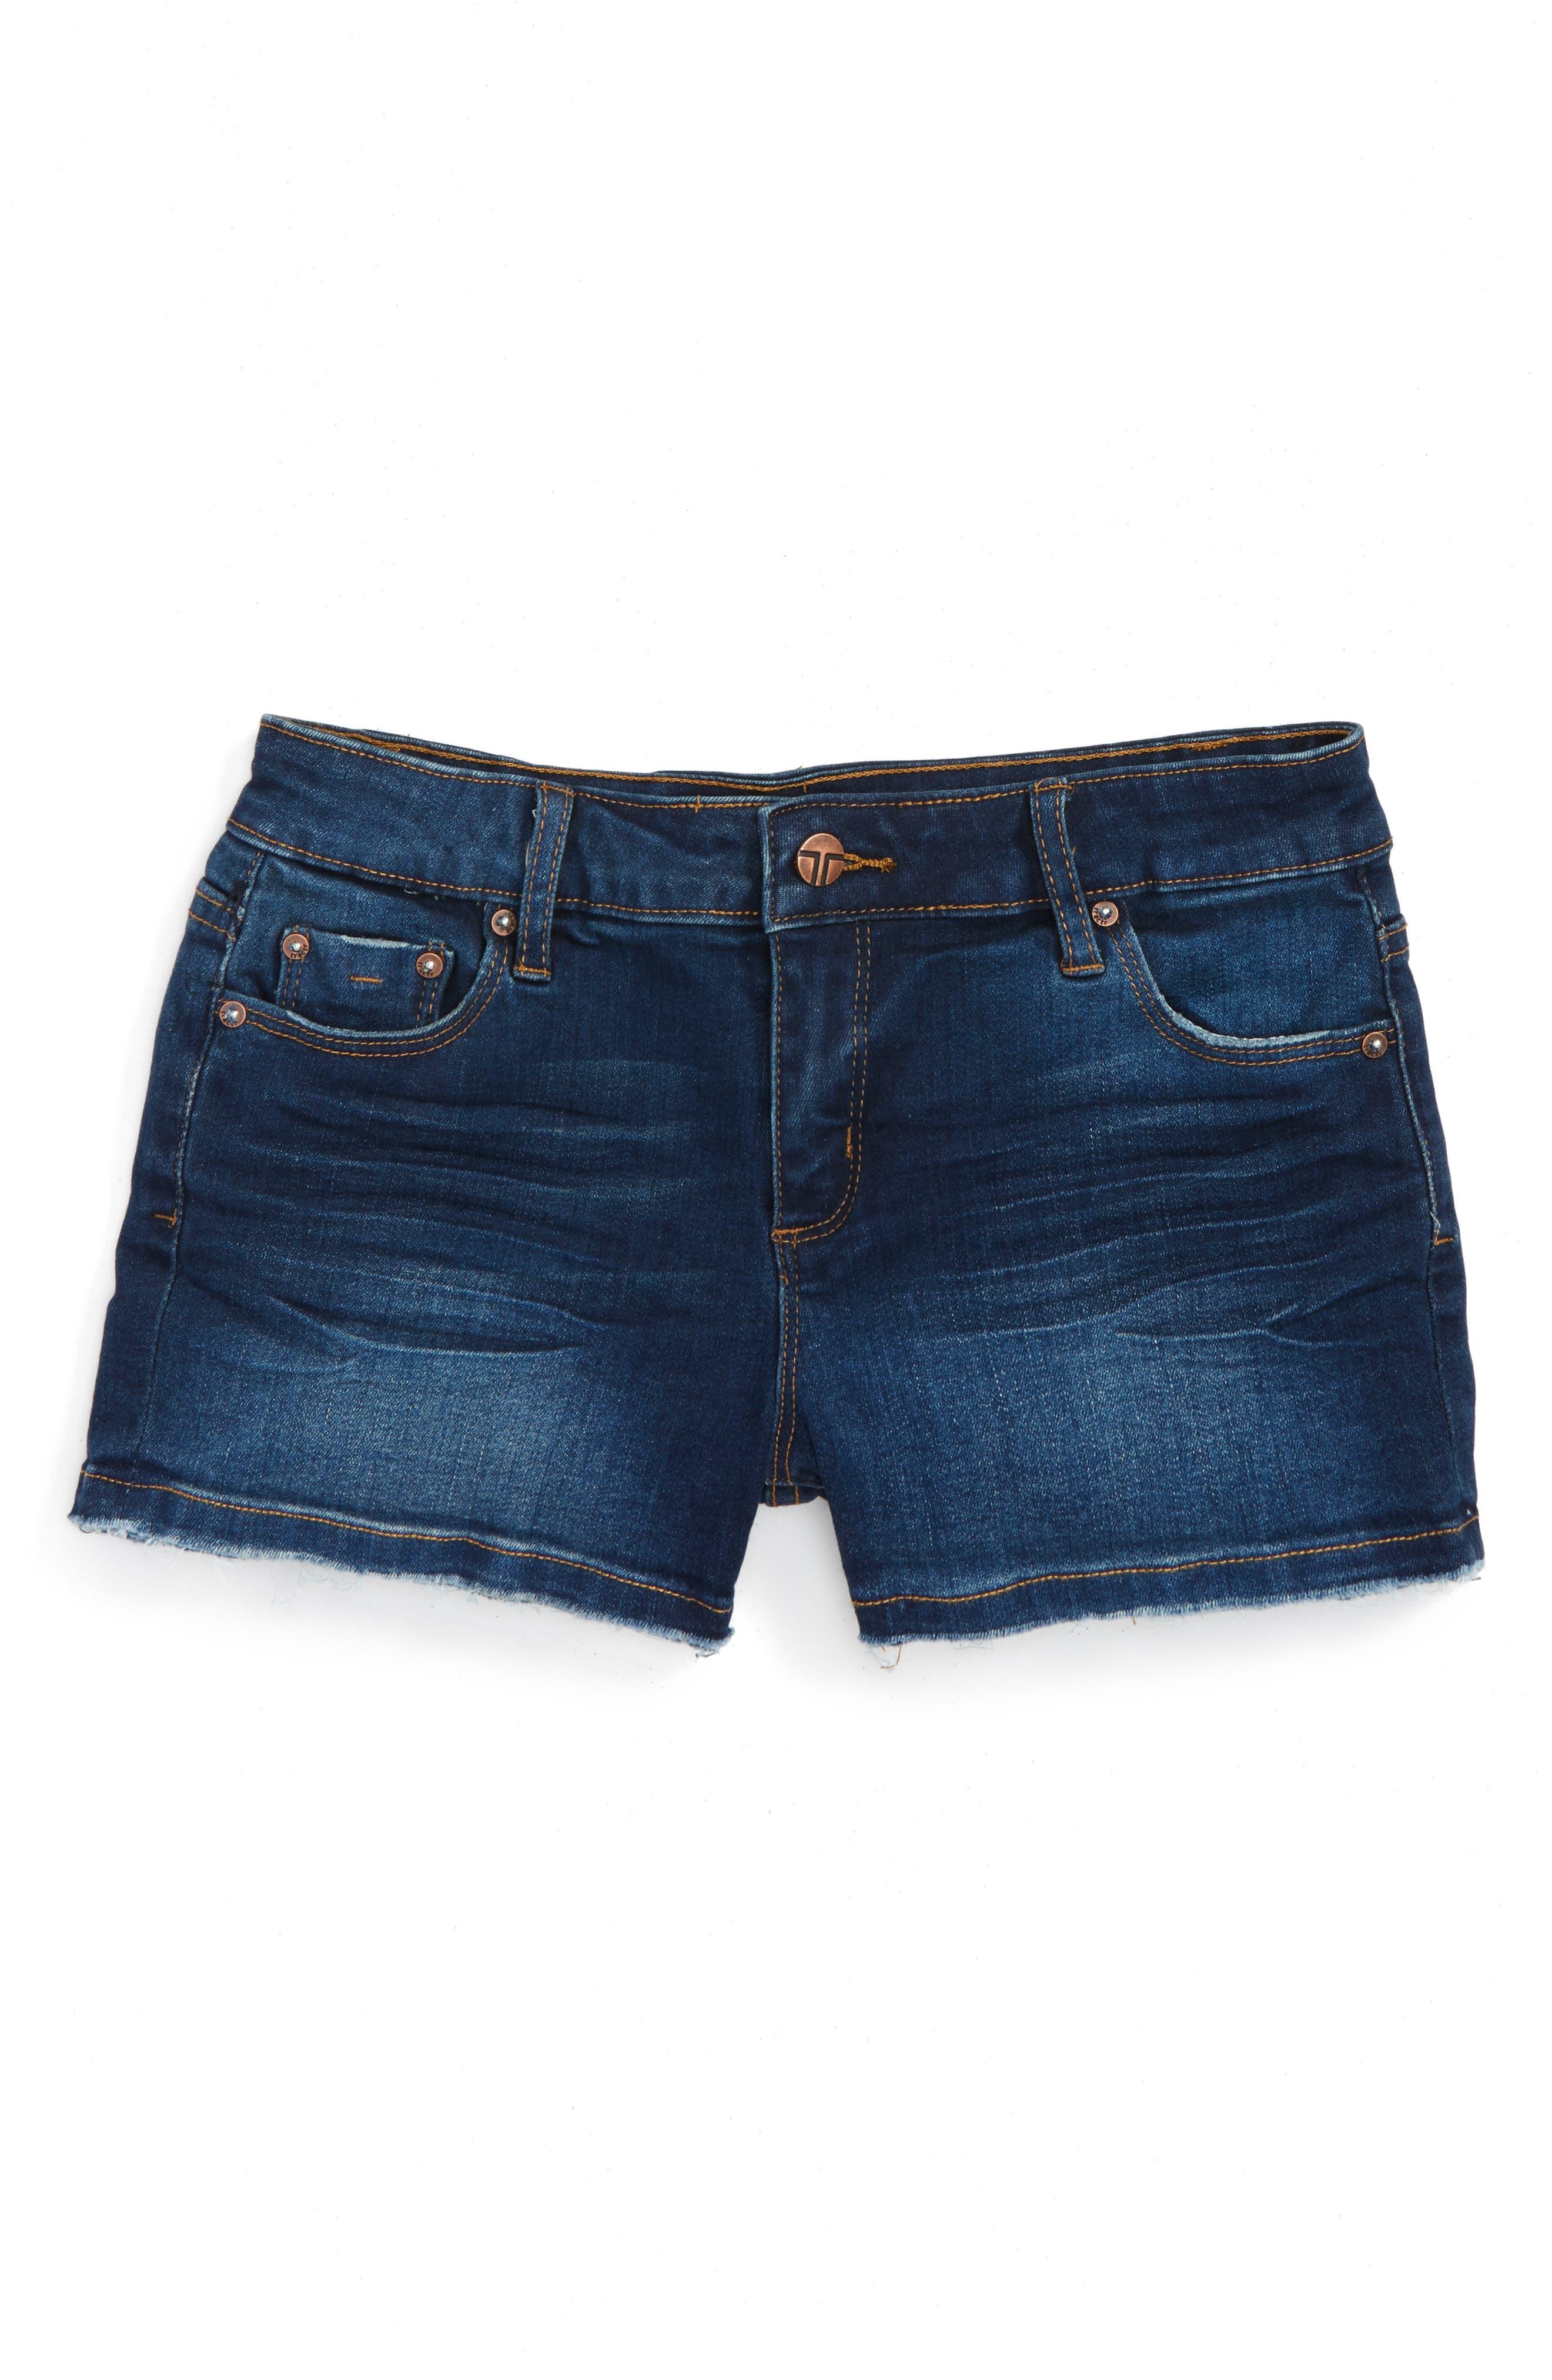 Frayed Hem Denim Shorts,                             Main thumbnail 1, color,                             Dark Indigo